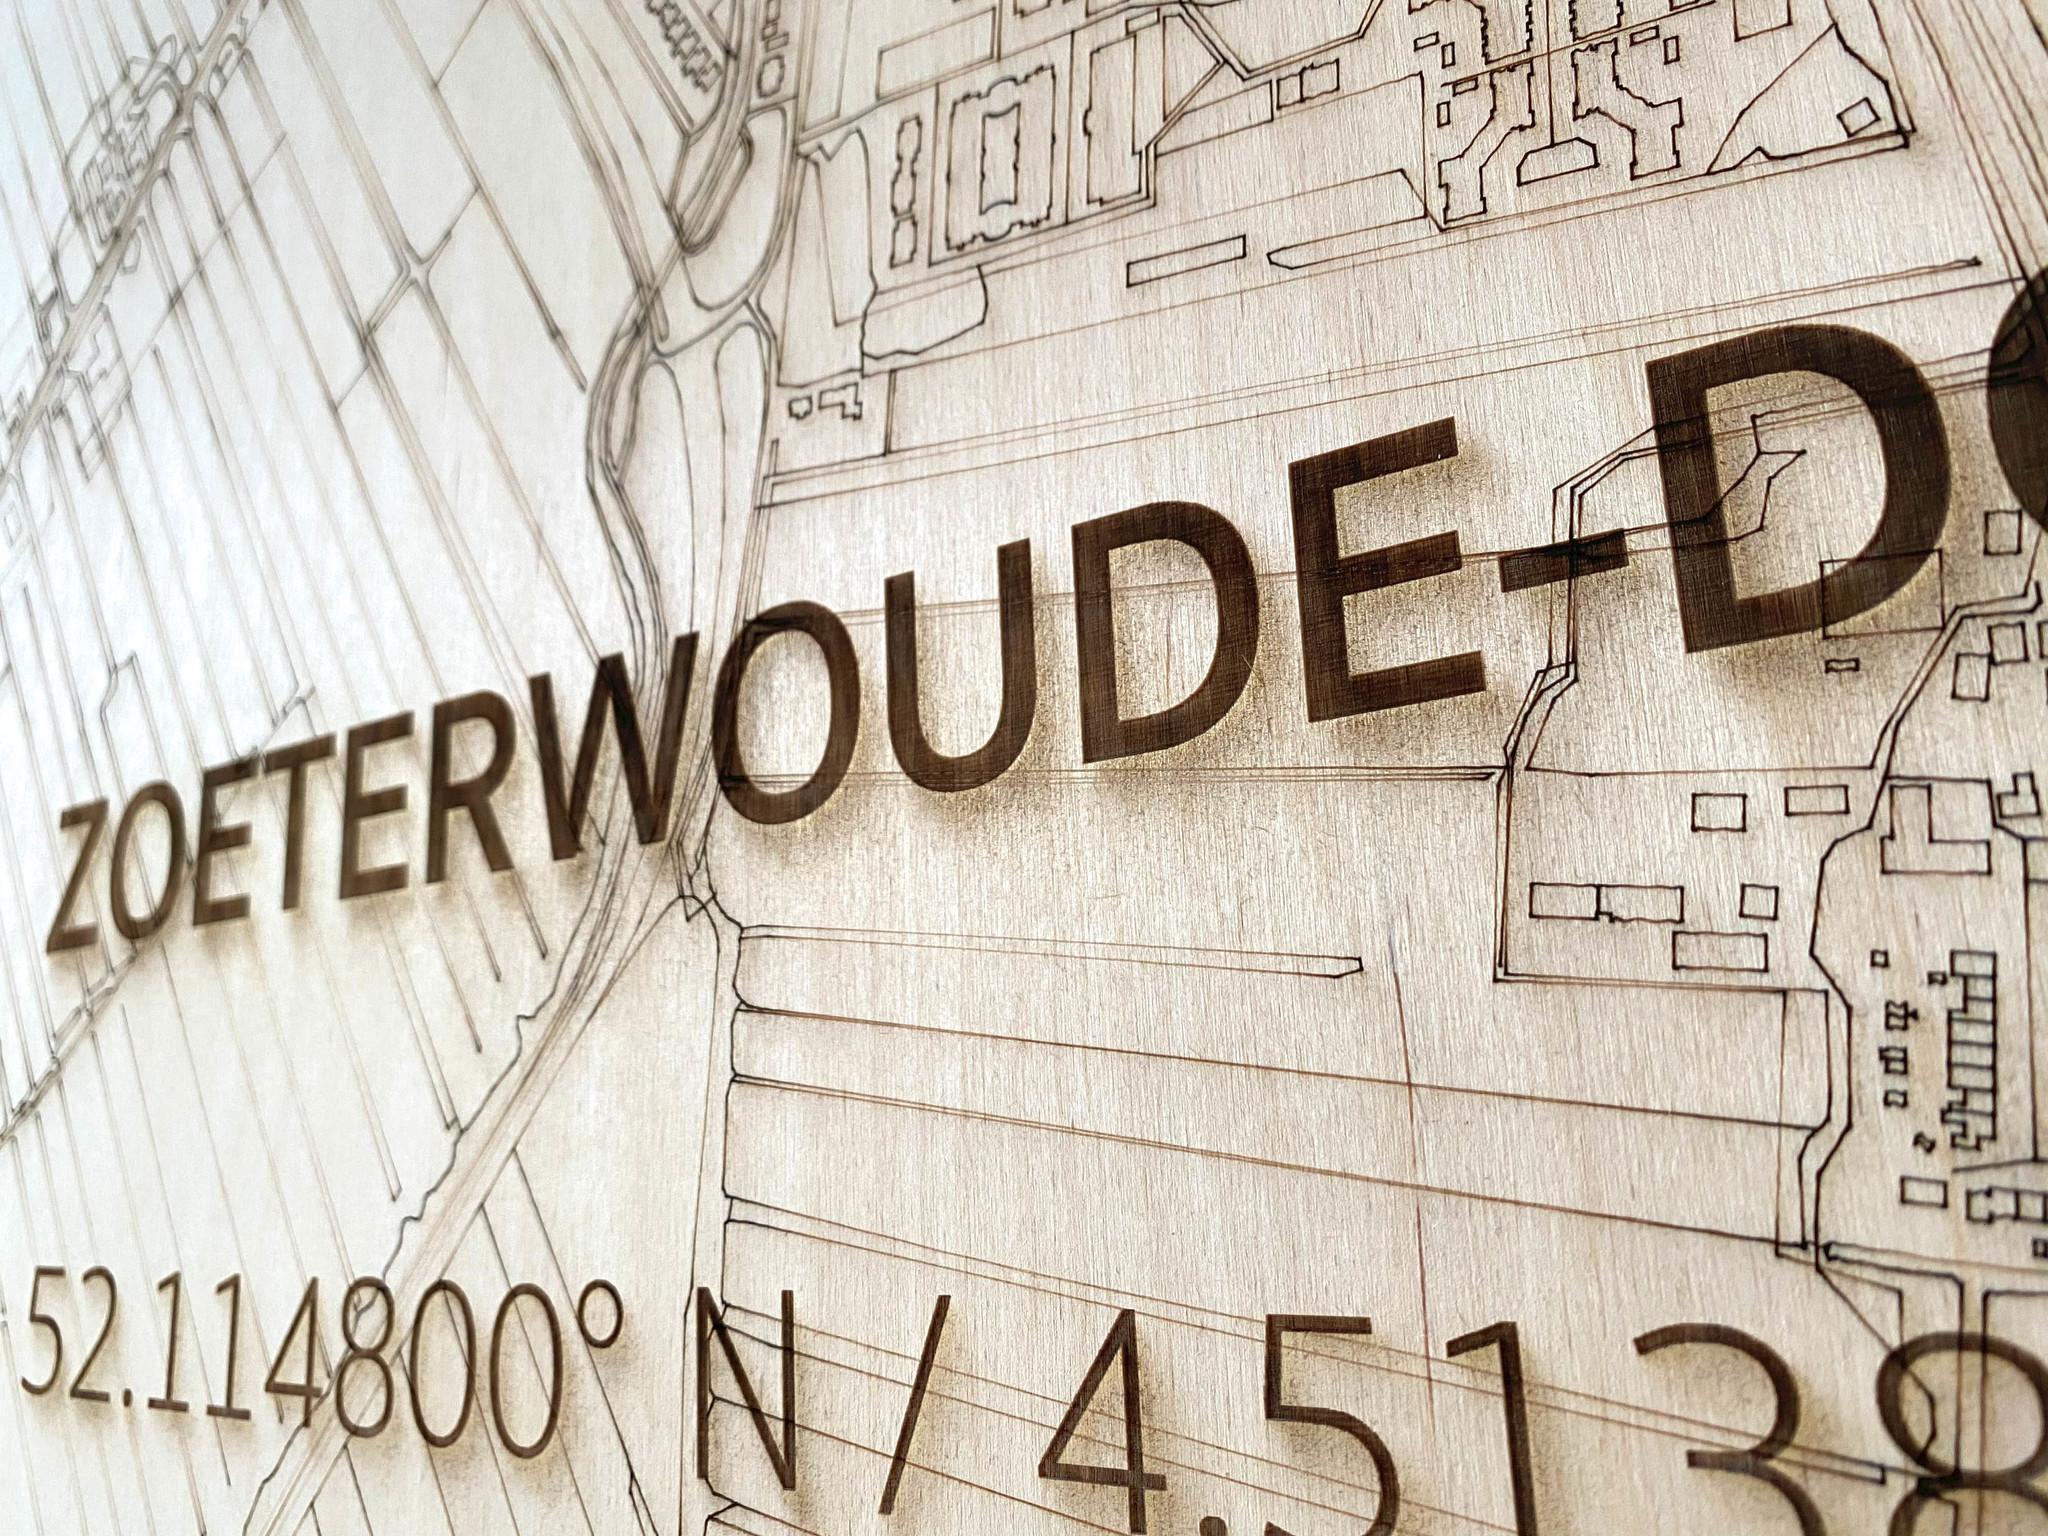 Stadtplan Zoeterwoude-dorp | Wanddekoration Holz-4